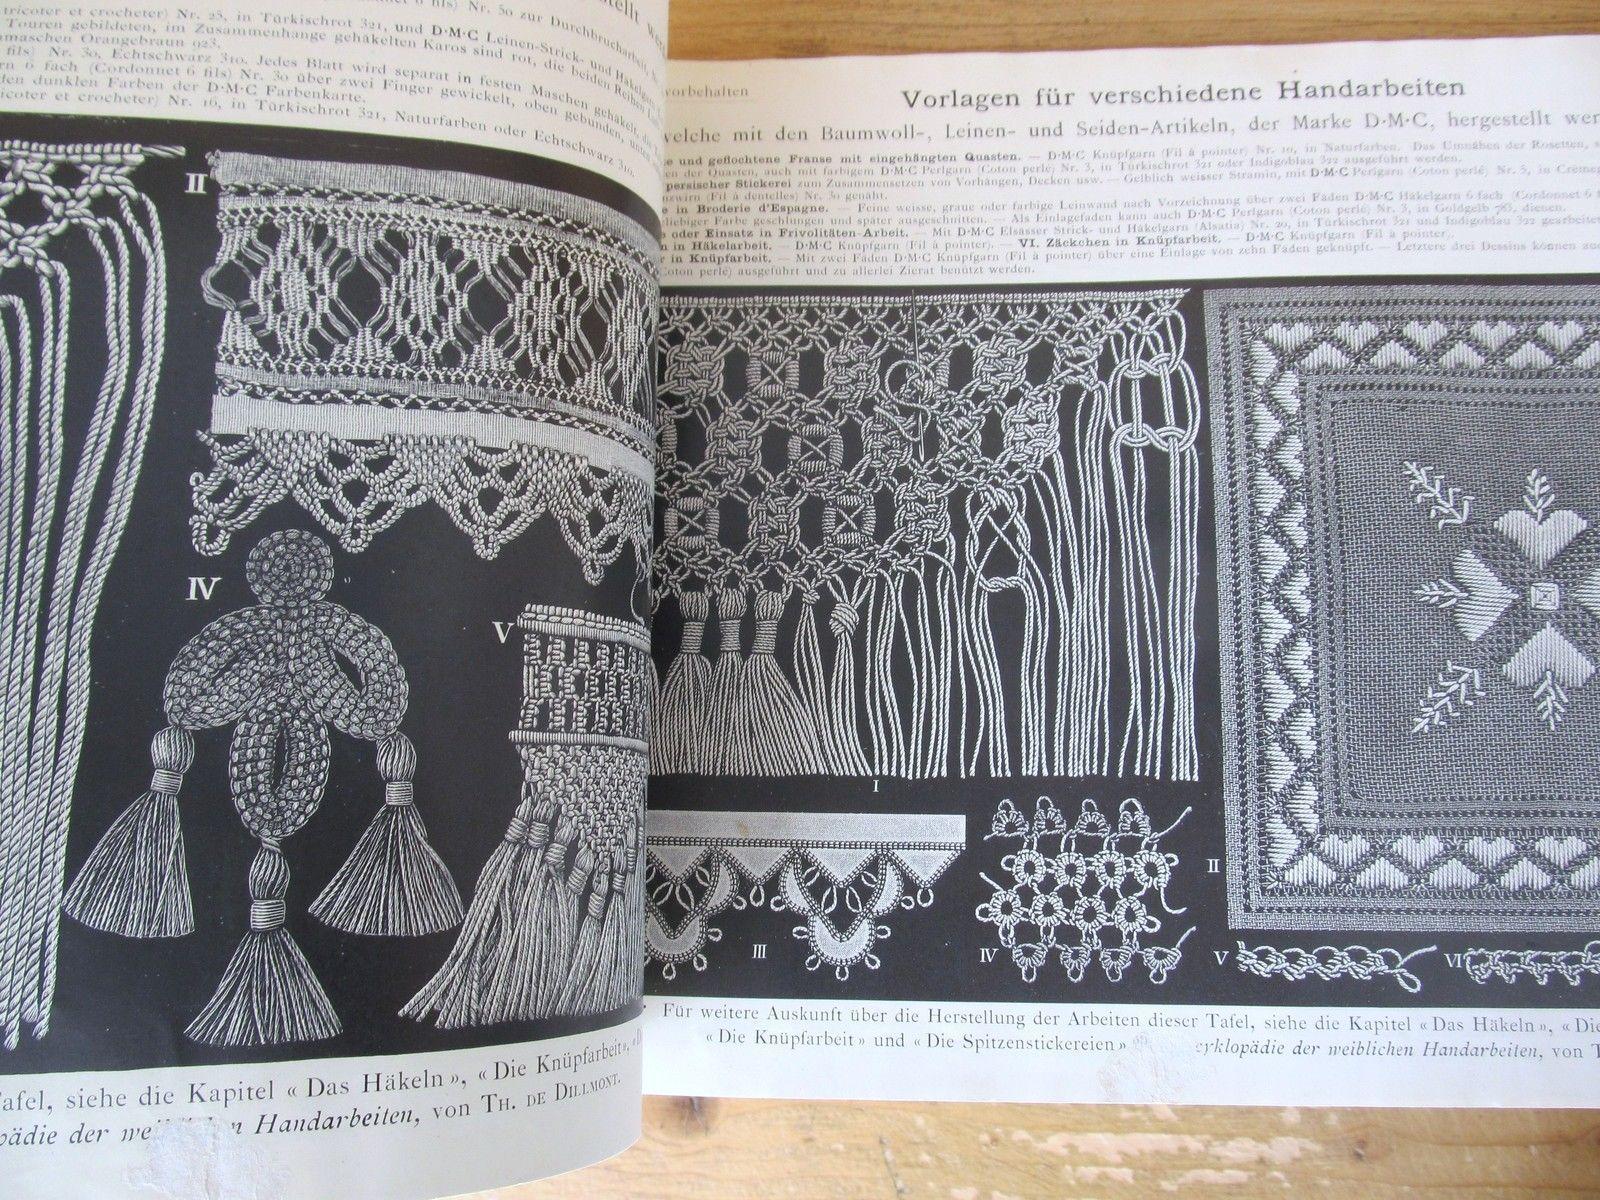 SAMMLUNG VERSCHIEDENER HANDARBEITEN 1910 Dillmont DMC Baumwoll Leinen Seide | eBay